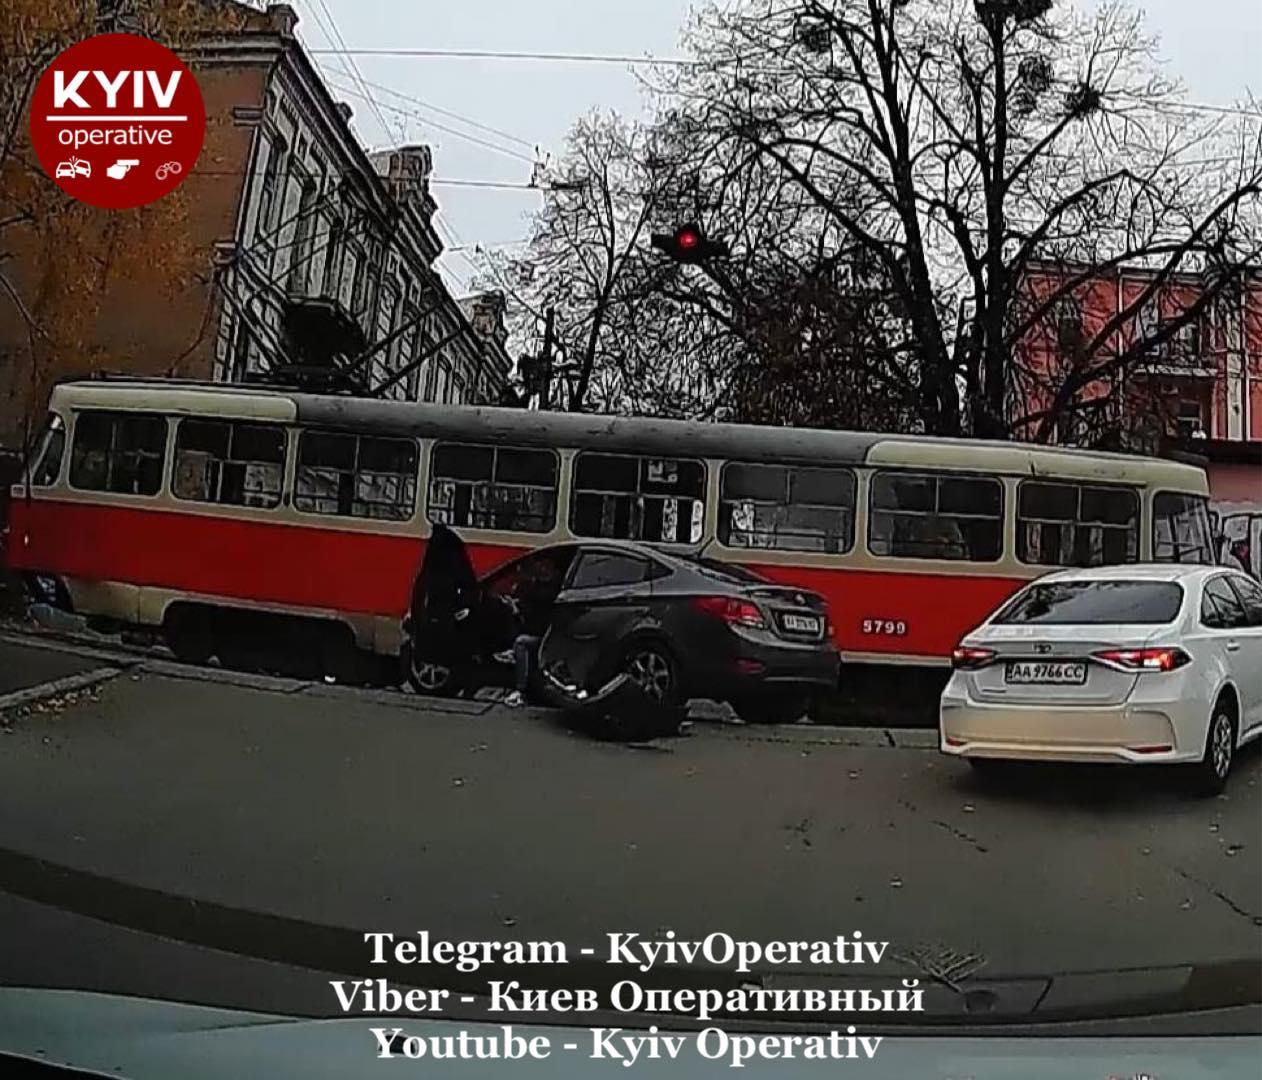 У Києві автівка в'їхала в трамвай - Київ, ДТП - Hyundaj2